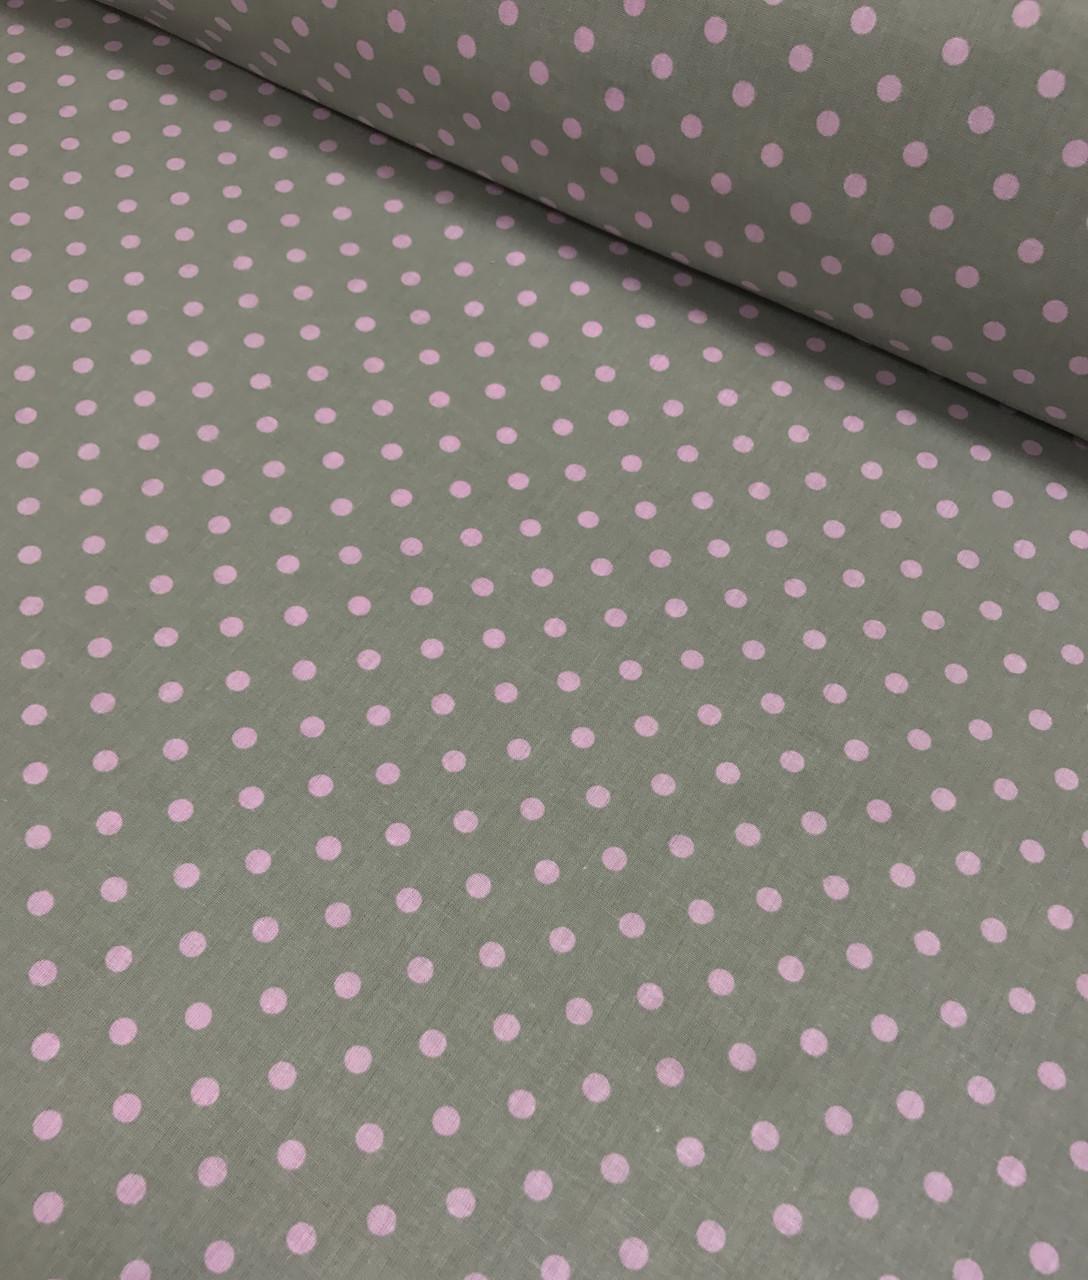 Бавовняна тканина польська горох рожевий на сірому 7 мм №424